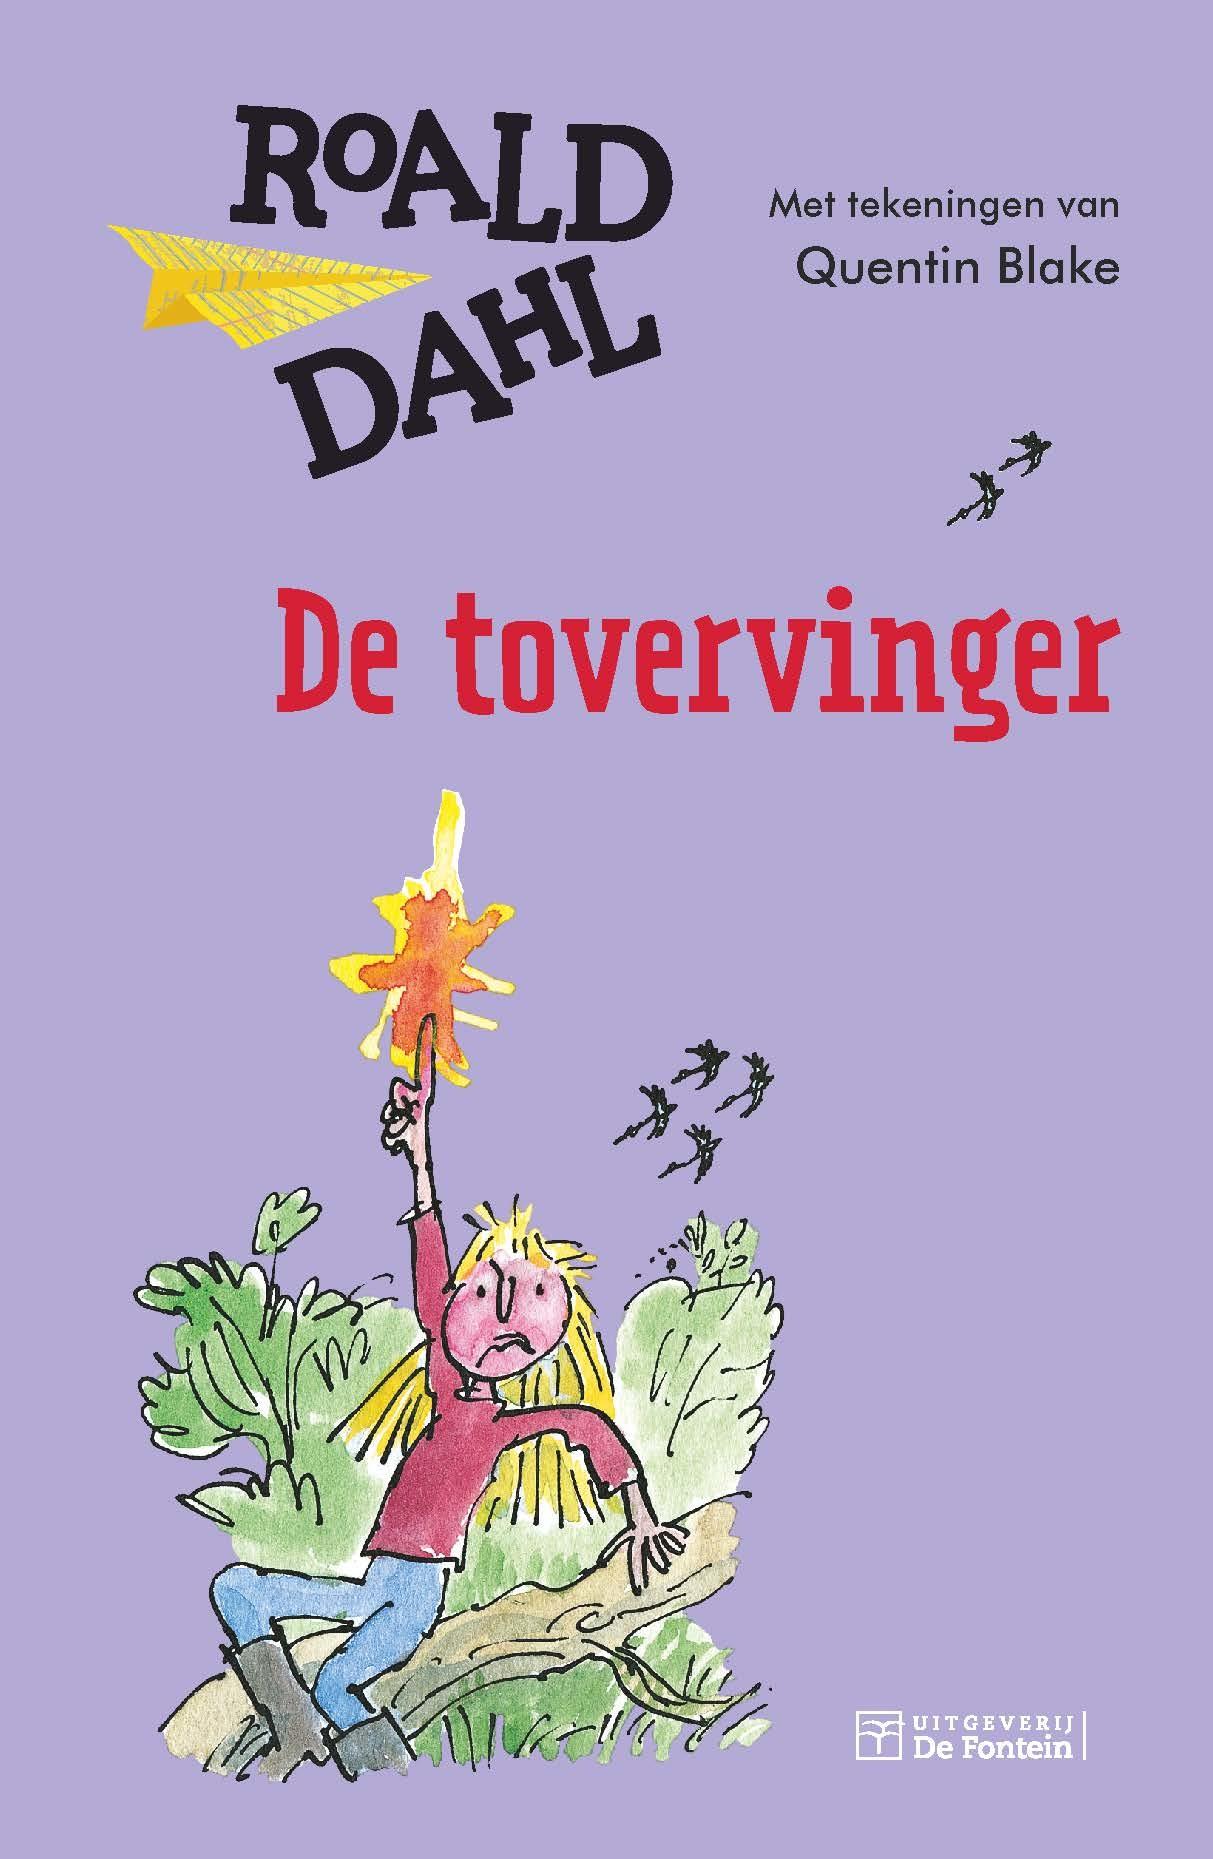 Roald Dahl, De tovervinger